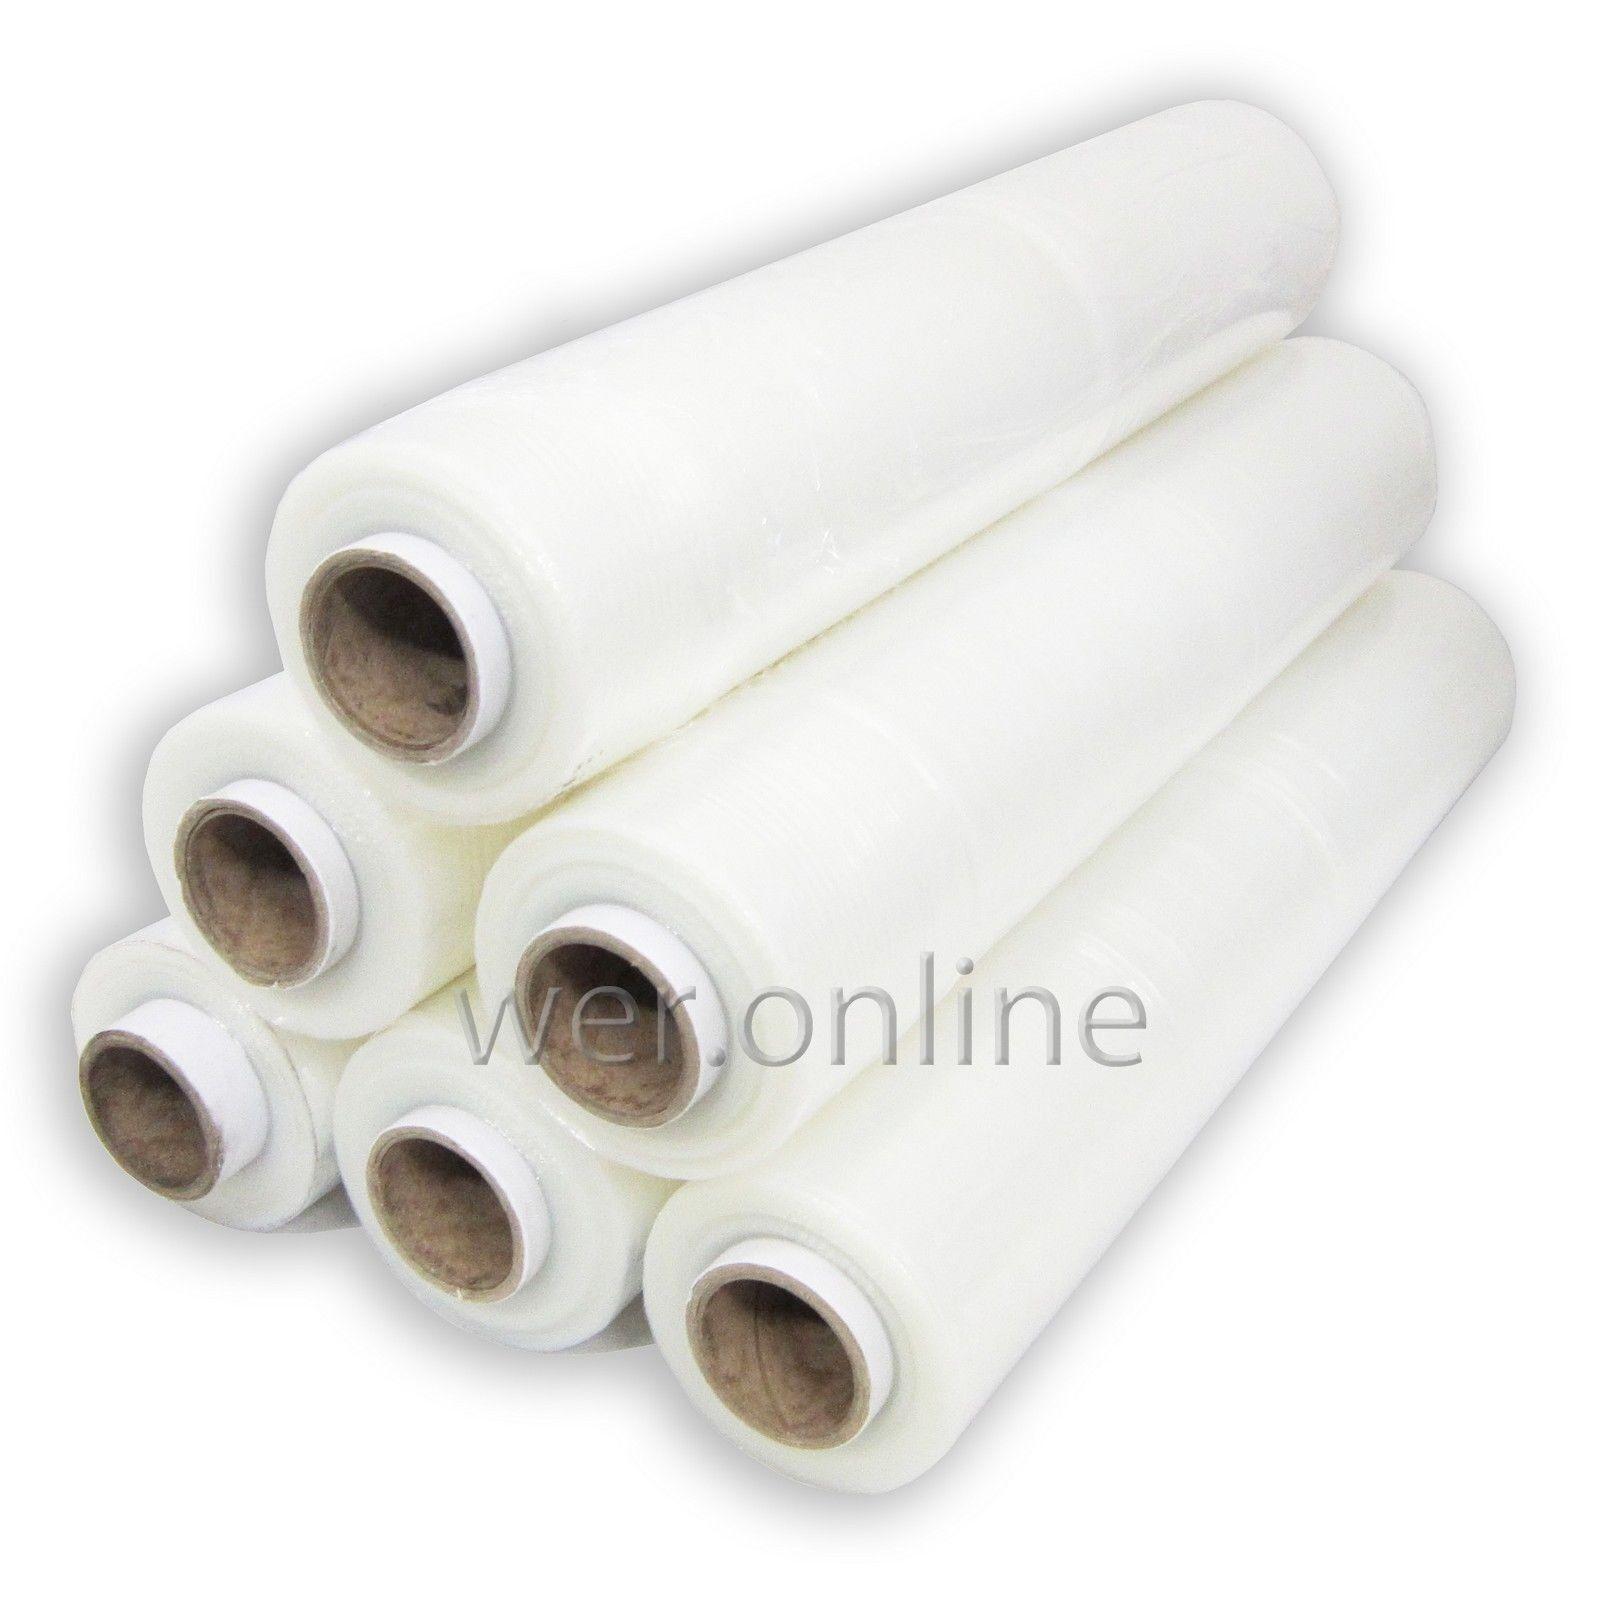 Stretchwrap Pallet Film Wrap Rolls 17/20/23/25/34Mu 400mm/500mm Shrink Wrap